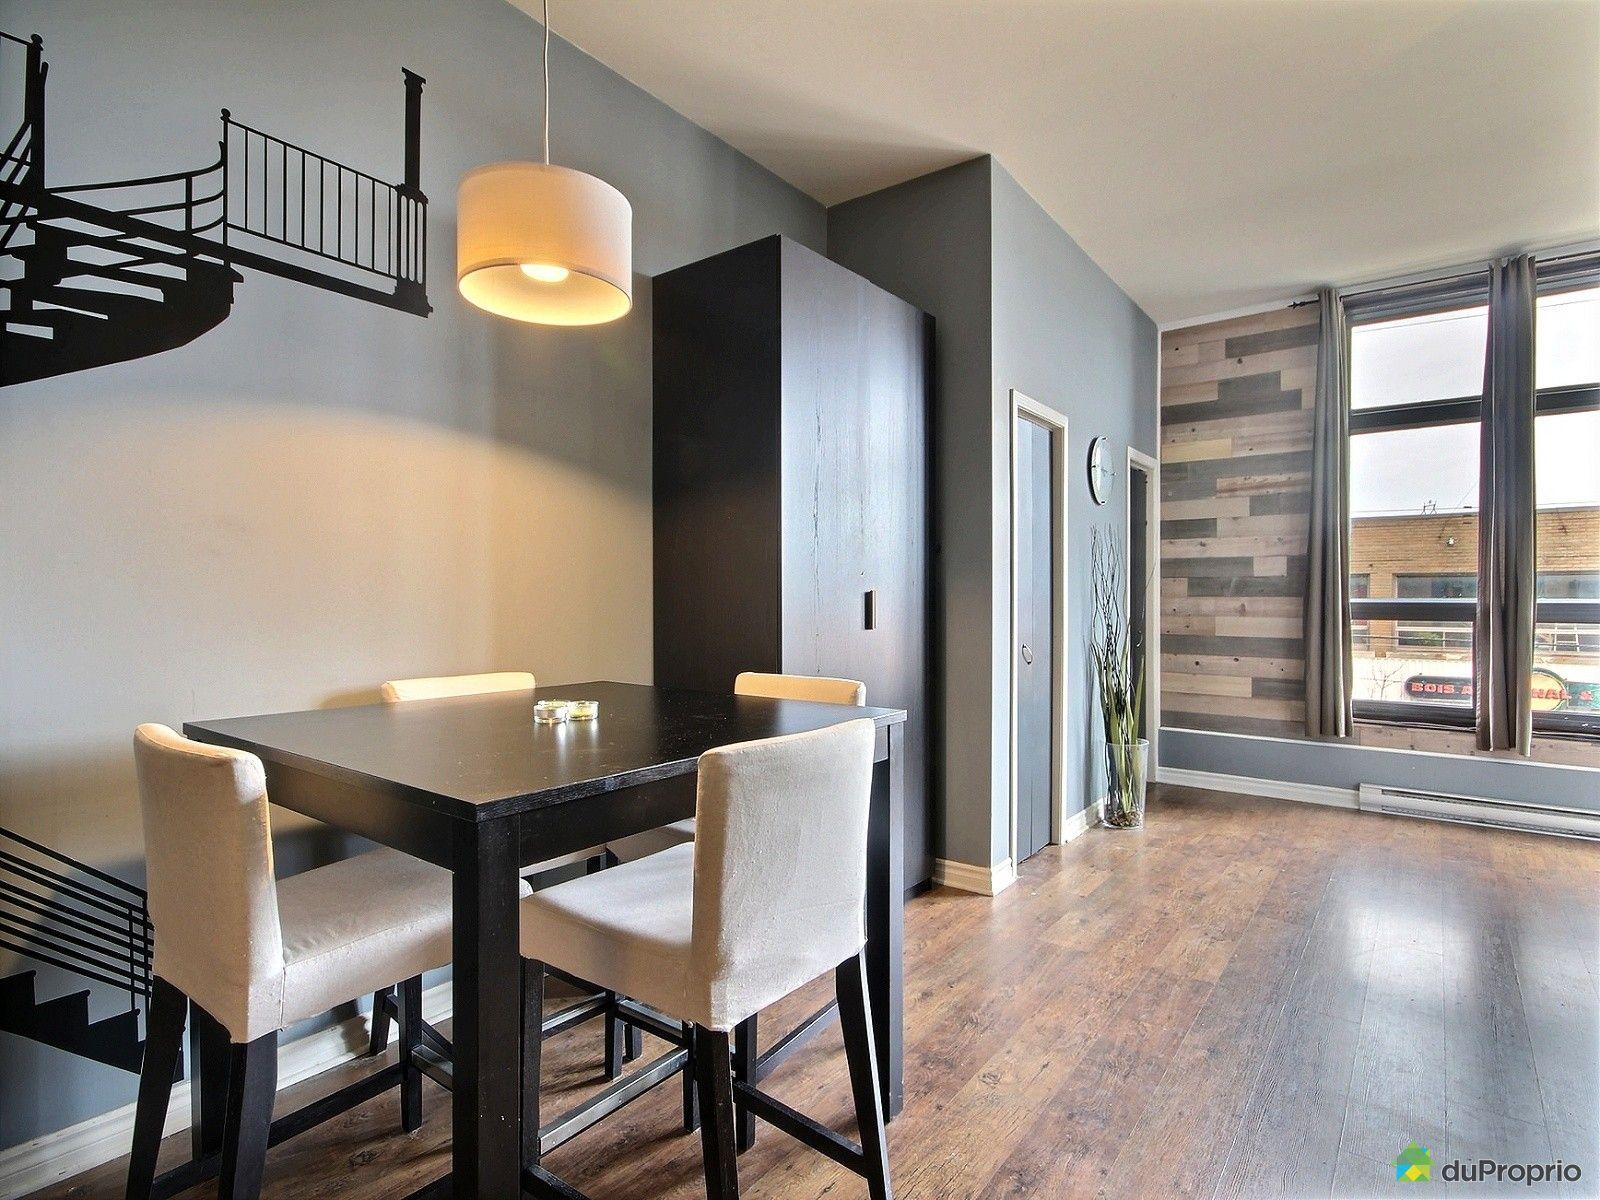 #826749 Condo à Vendre Montréal 819 Rue Notre Dame Immobilier  3891 salle a manger pas cher montreal 1600x1200 px @ aertt.com